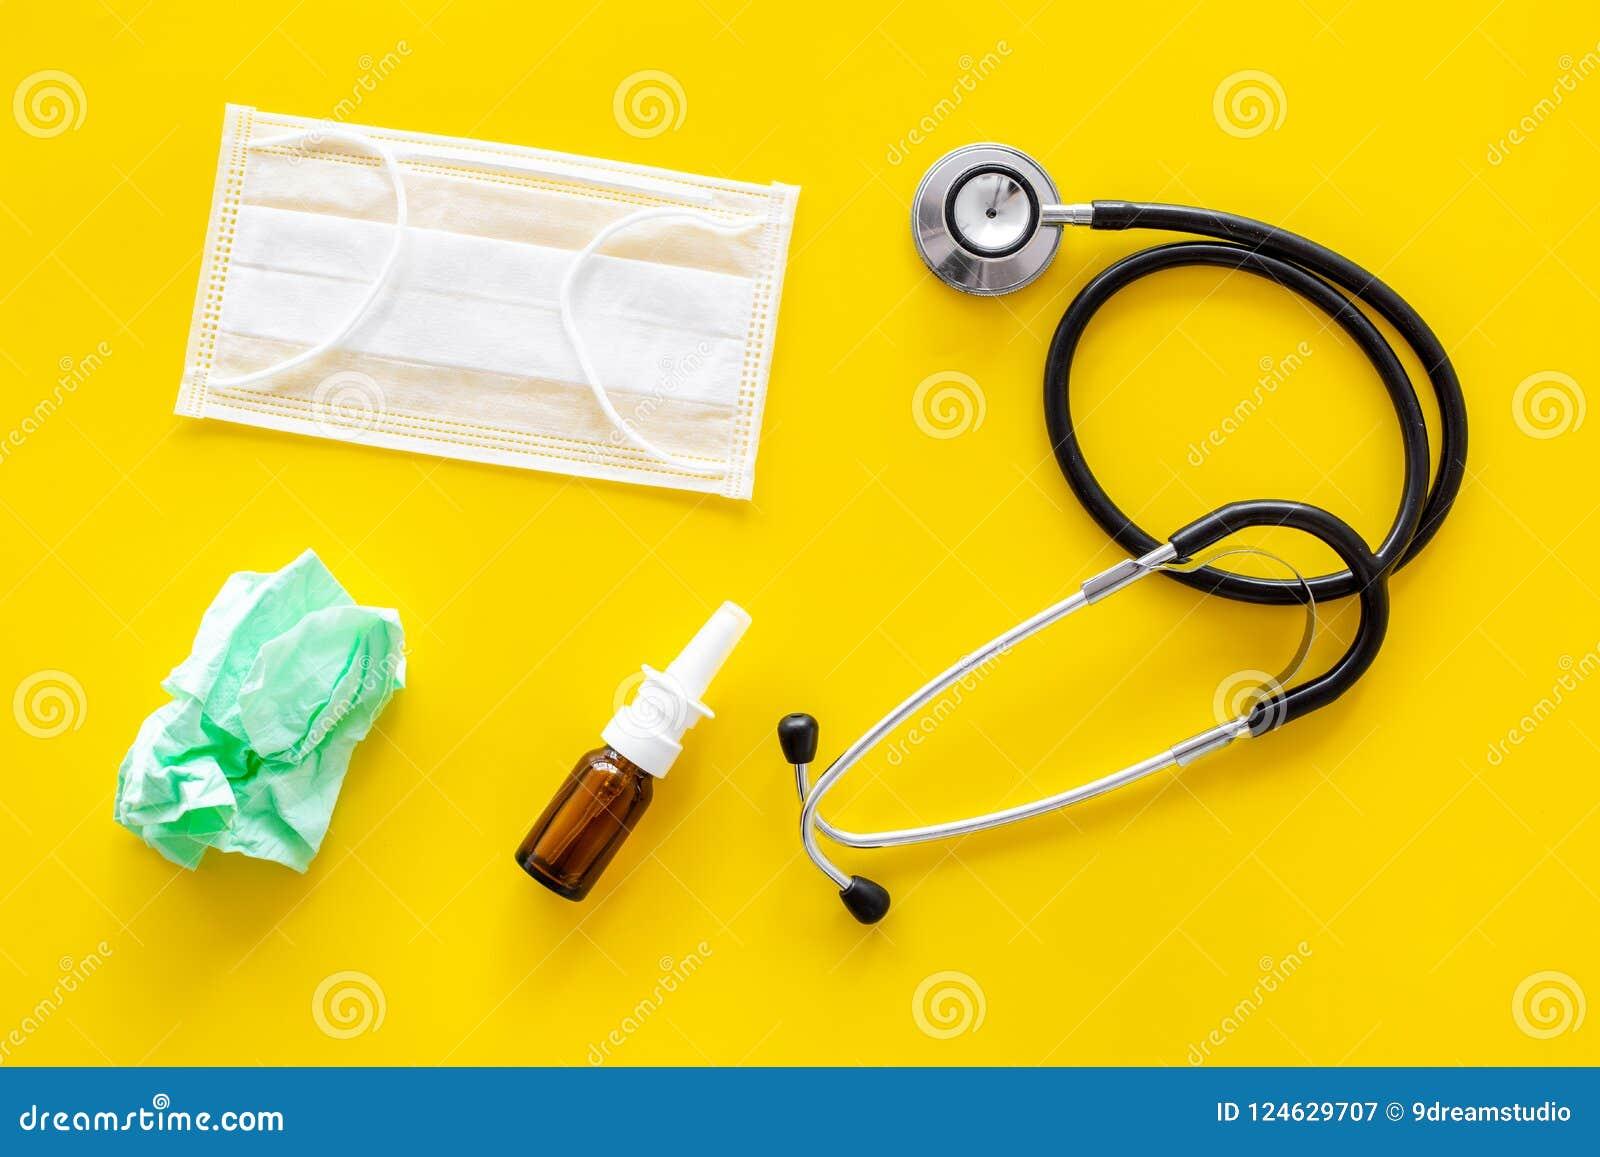 Падения гриппа Идущая концепция носа Сморщенная салфетка около стетоскопа и лицевой щиток гермошлема на желтом взгляд сверху пред